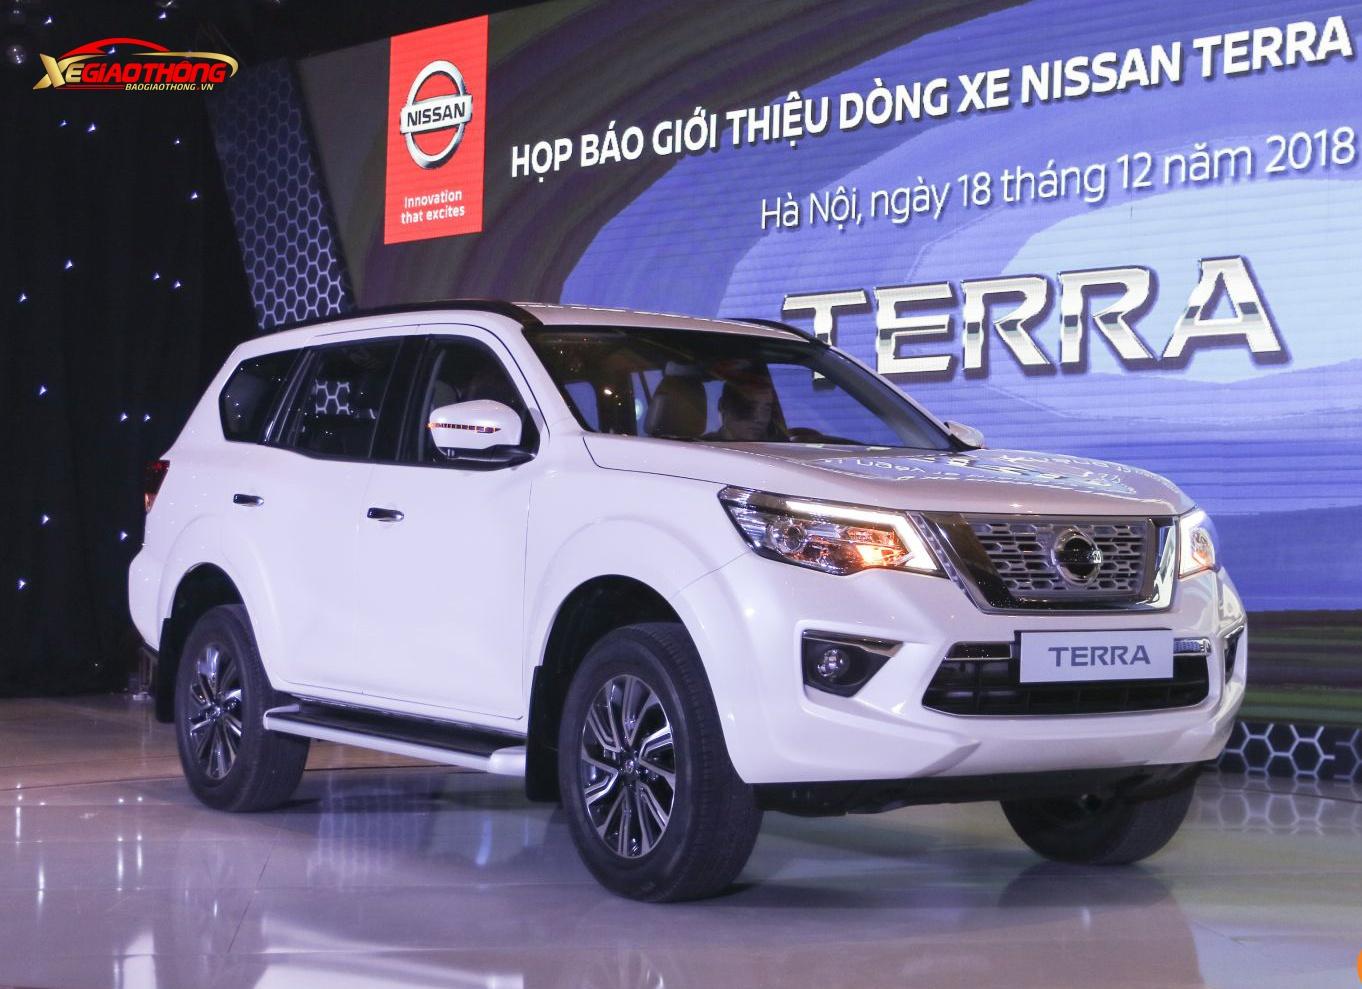 Terra chính thức được Nissan Việt Nam giới thiệu ra thị trường